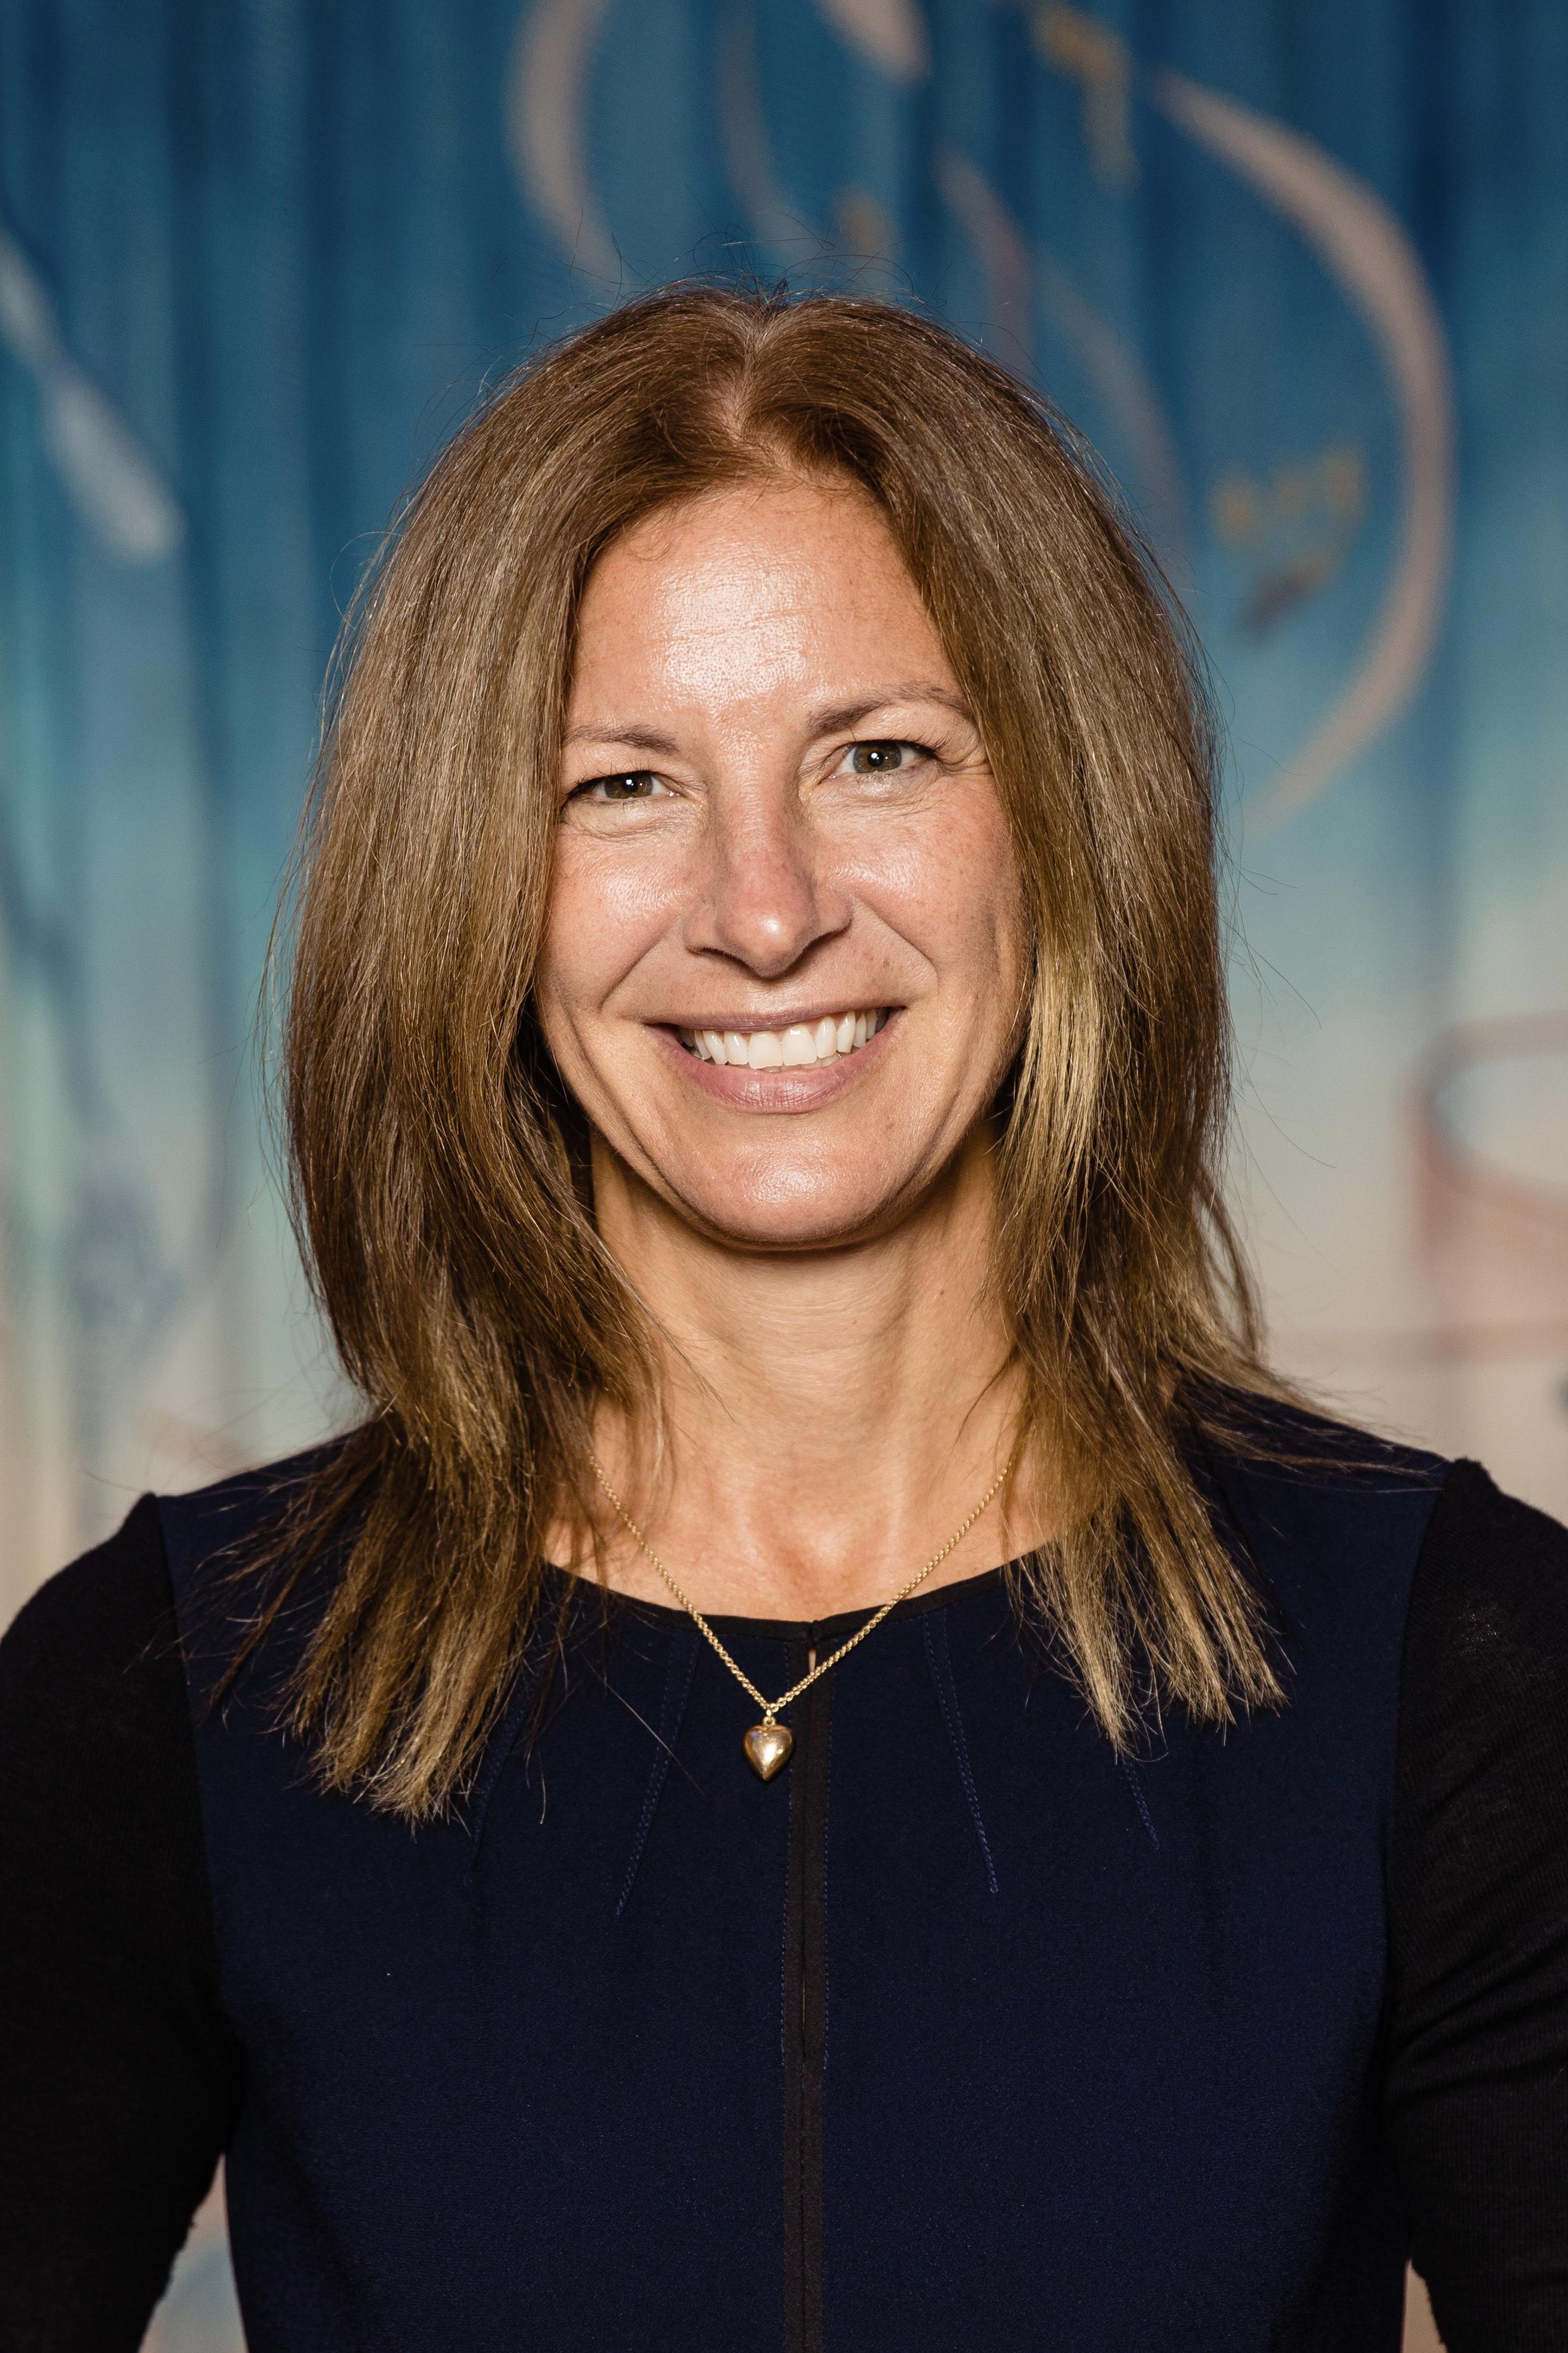 Allison Hirsch '89 TU'98